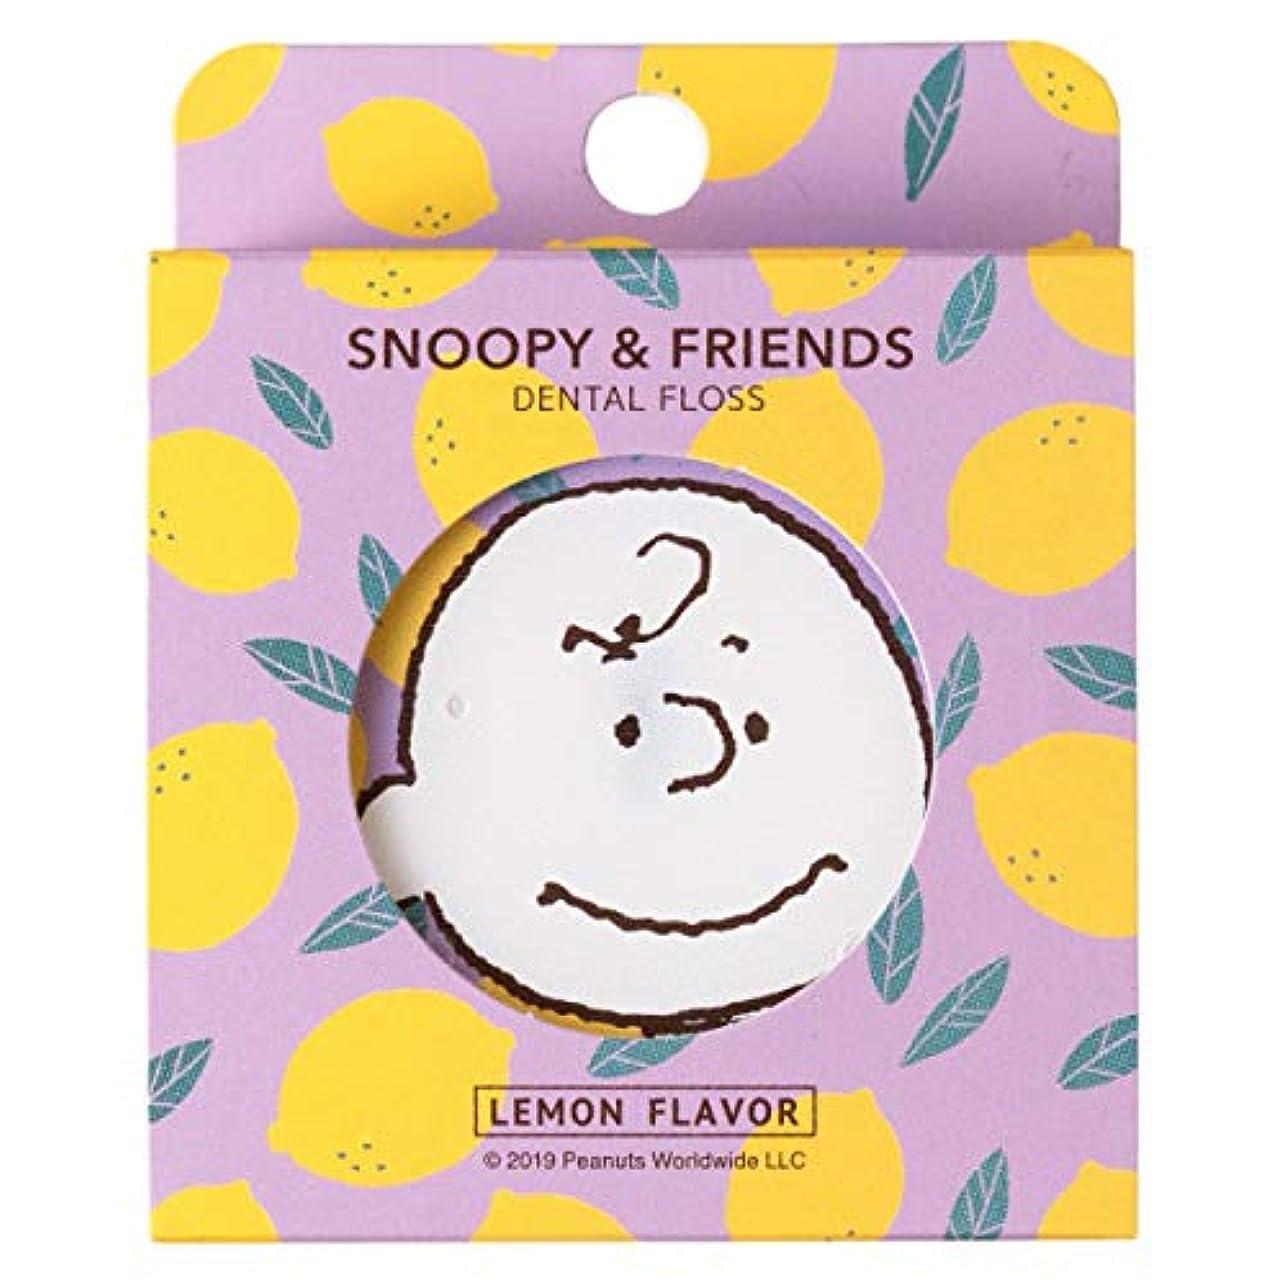 担保プランター戦うFINE(ファイン) スヌーピー&フレンズ デンタルフロス 約3ヶ月分 レモンの香り 50m